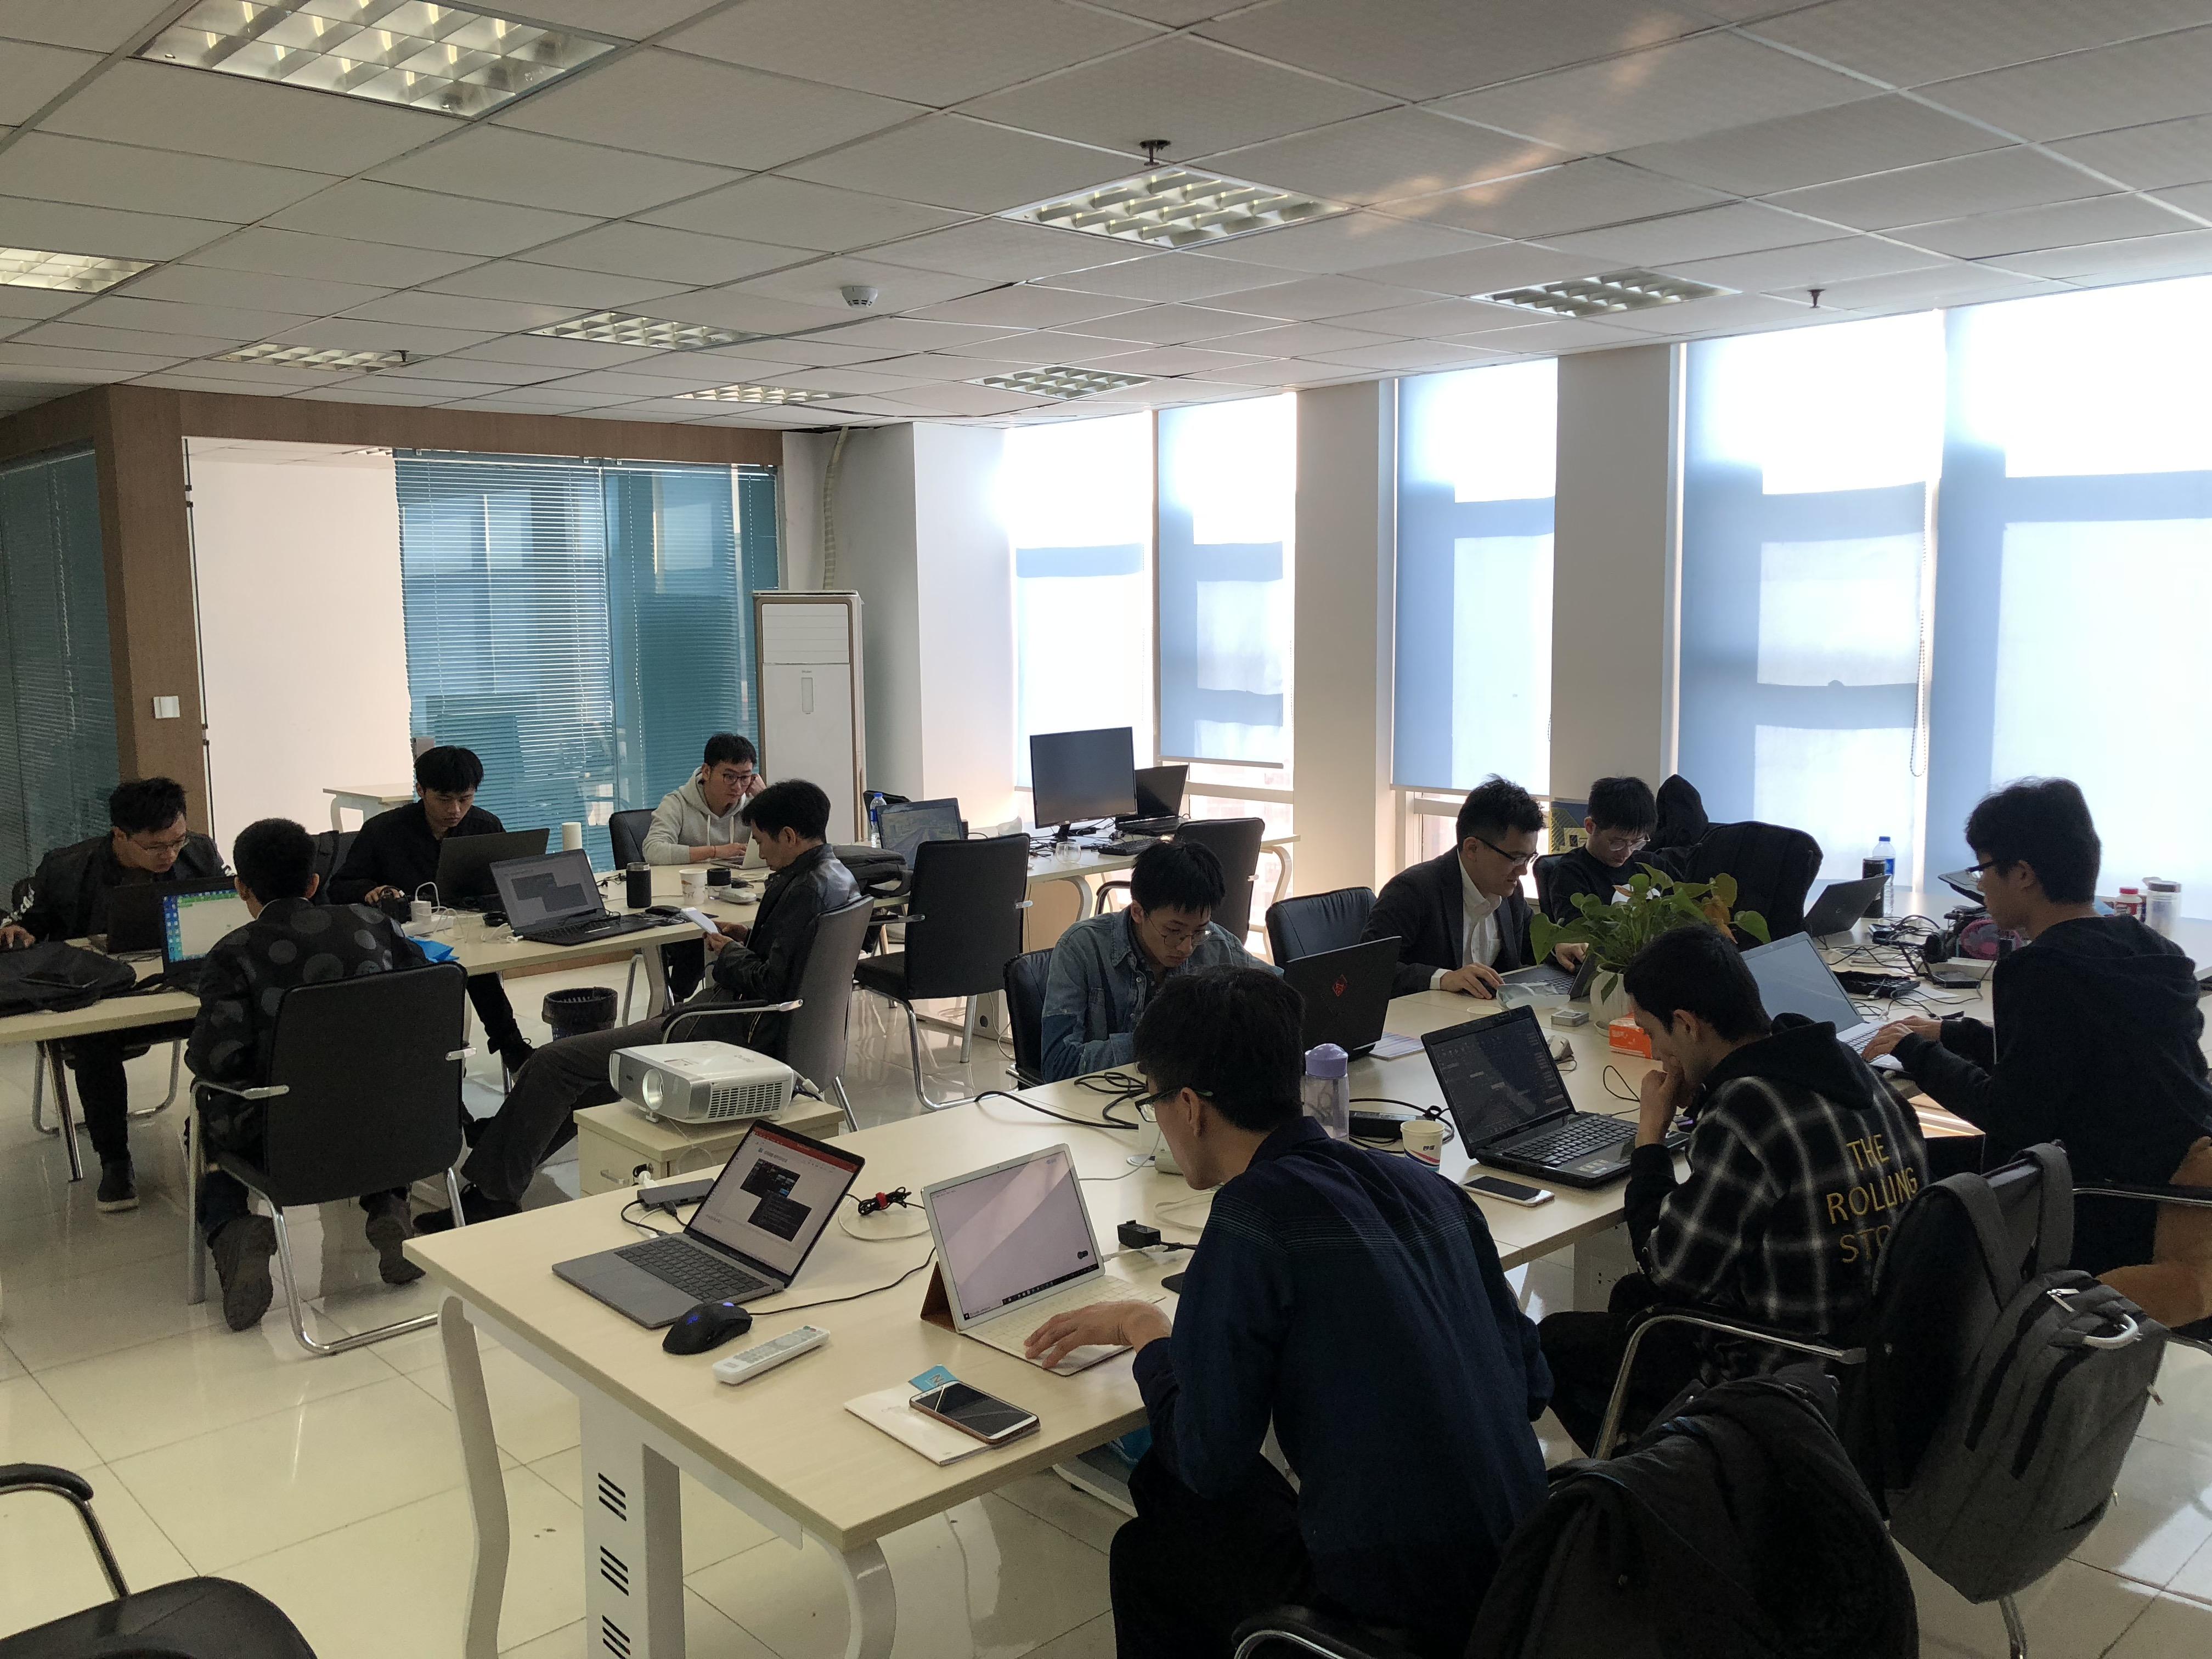 iS-RPA 高级设计师培训 - 南京 20190314 班